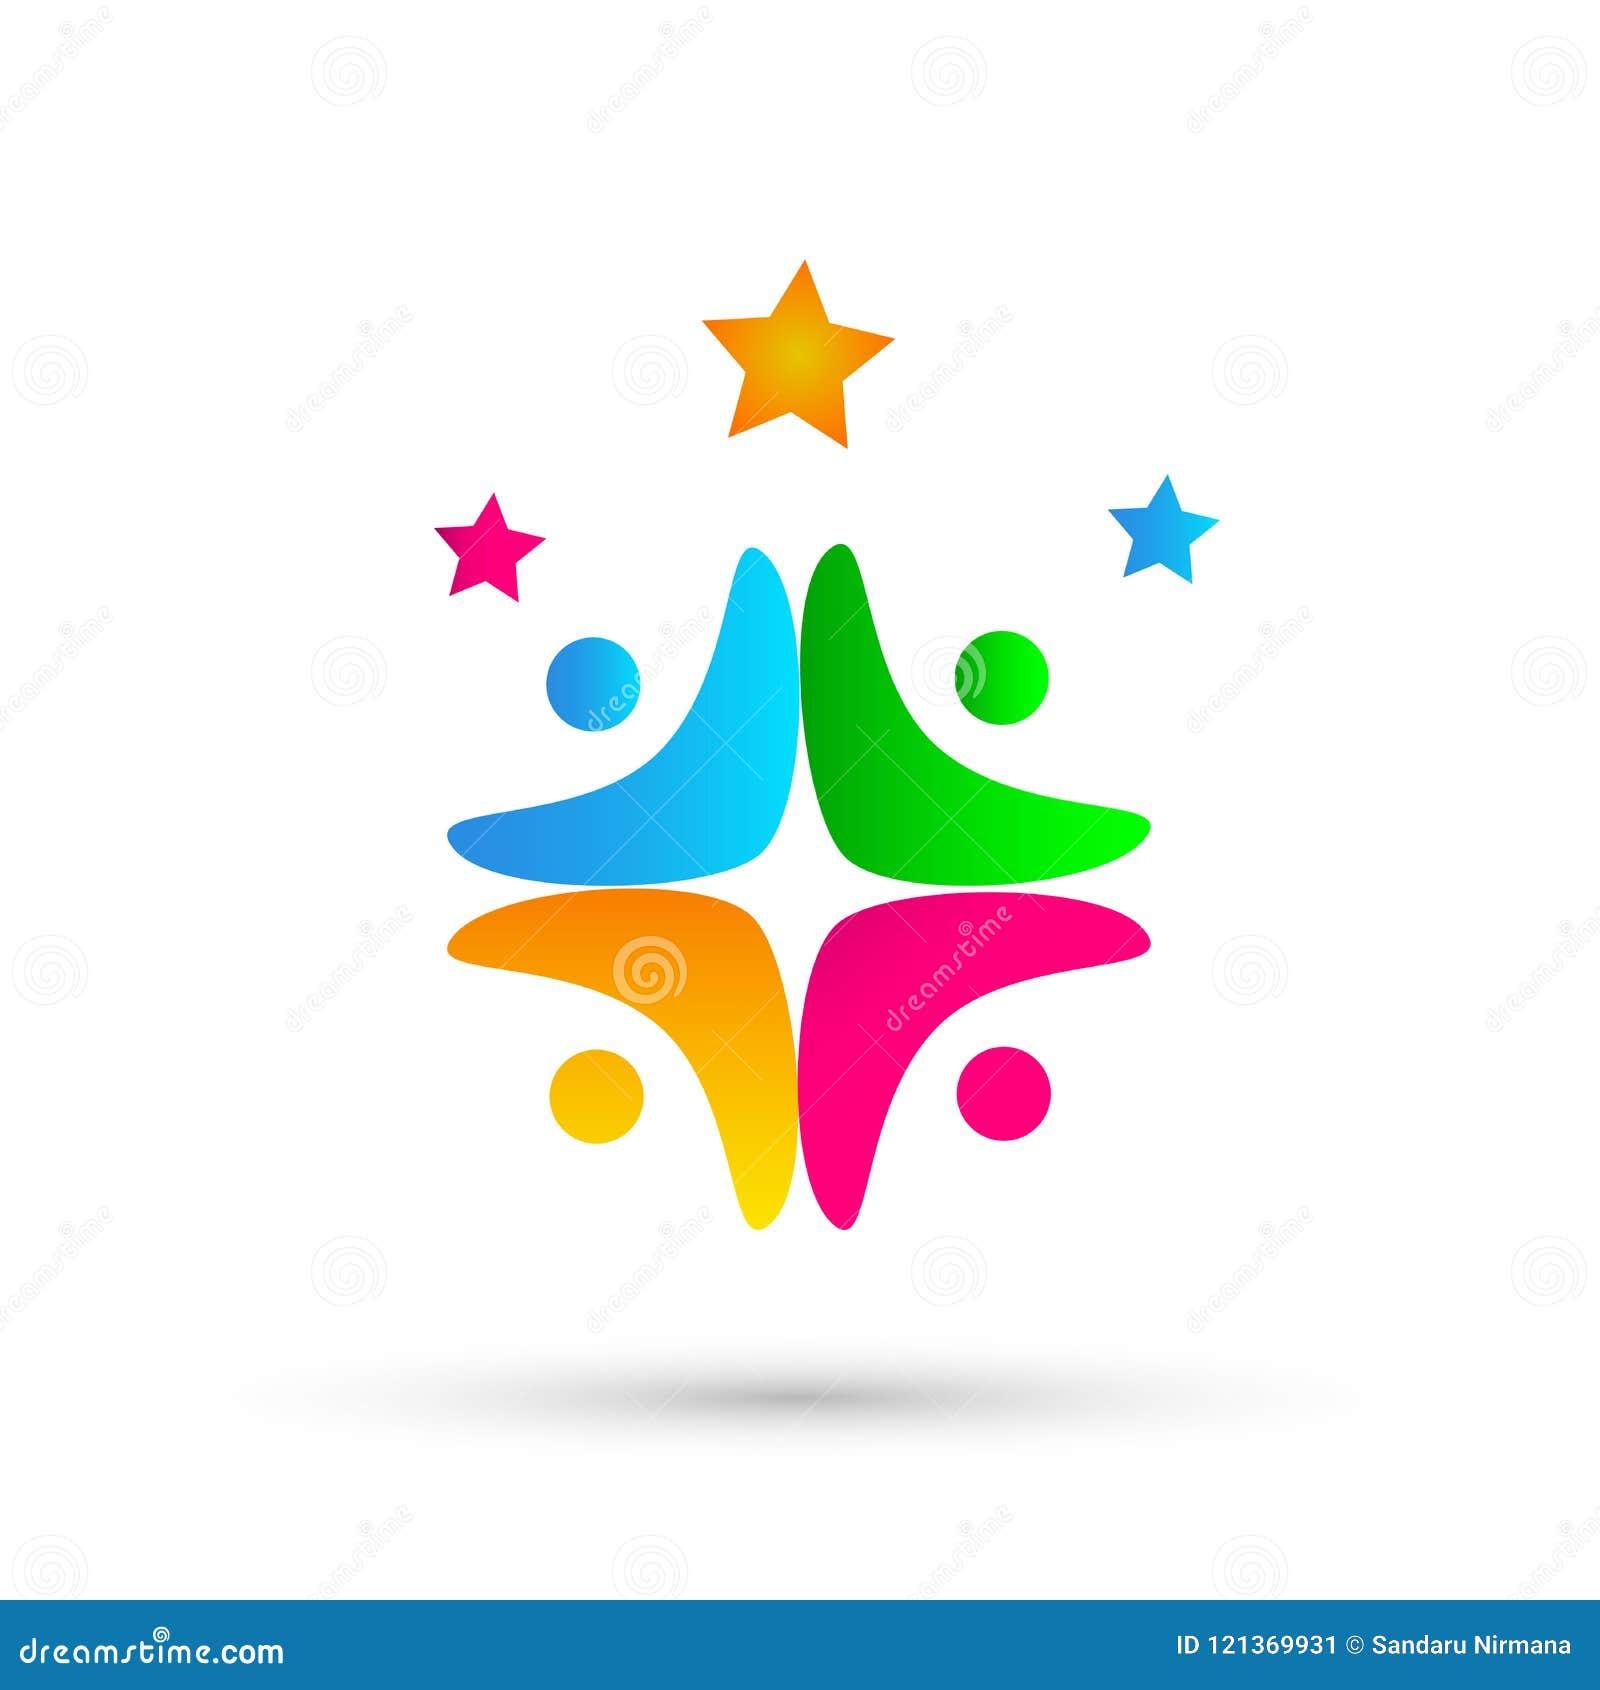 Ludzie zjednoczenie drużyny pracy partnerstwa, edukacja, świętowanie sukcesu loga ikony symbolu na białym tle ludzie